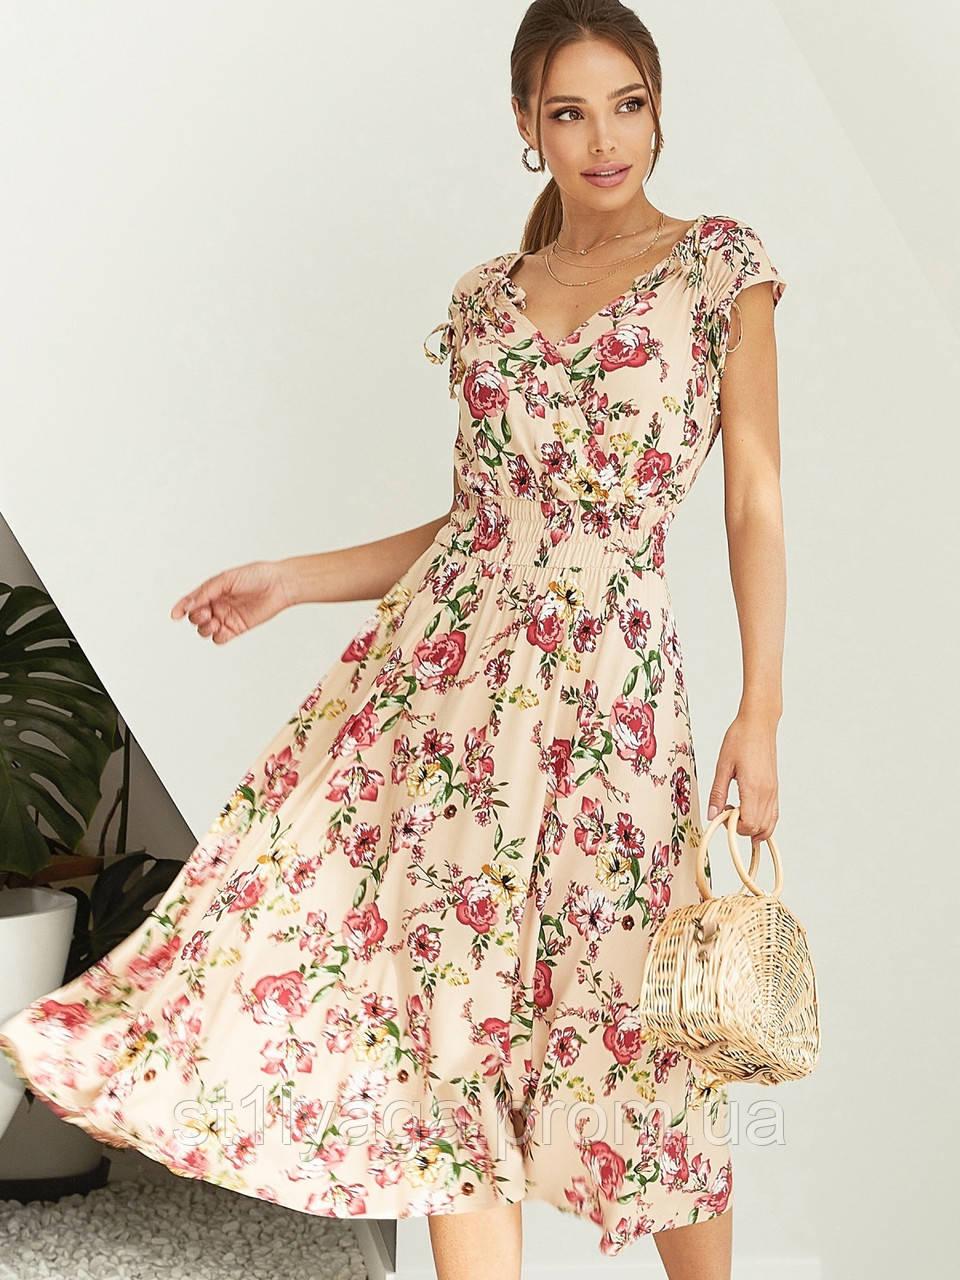 Бежевое платье-миди в цветочном принте ЛЕТО